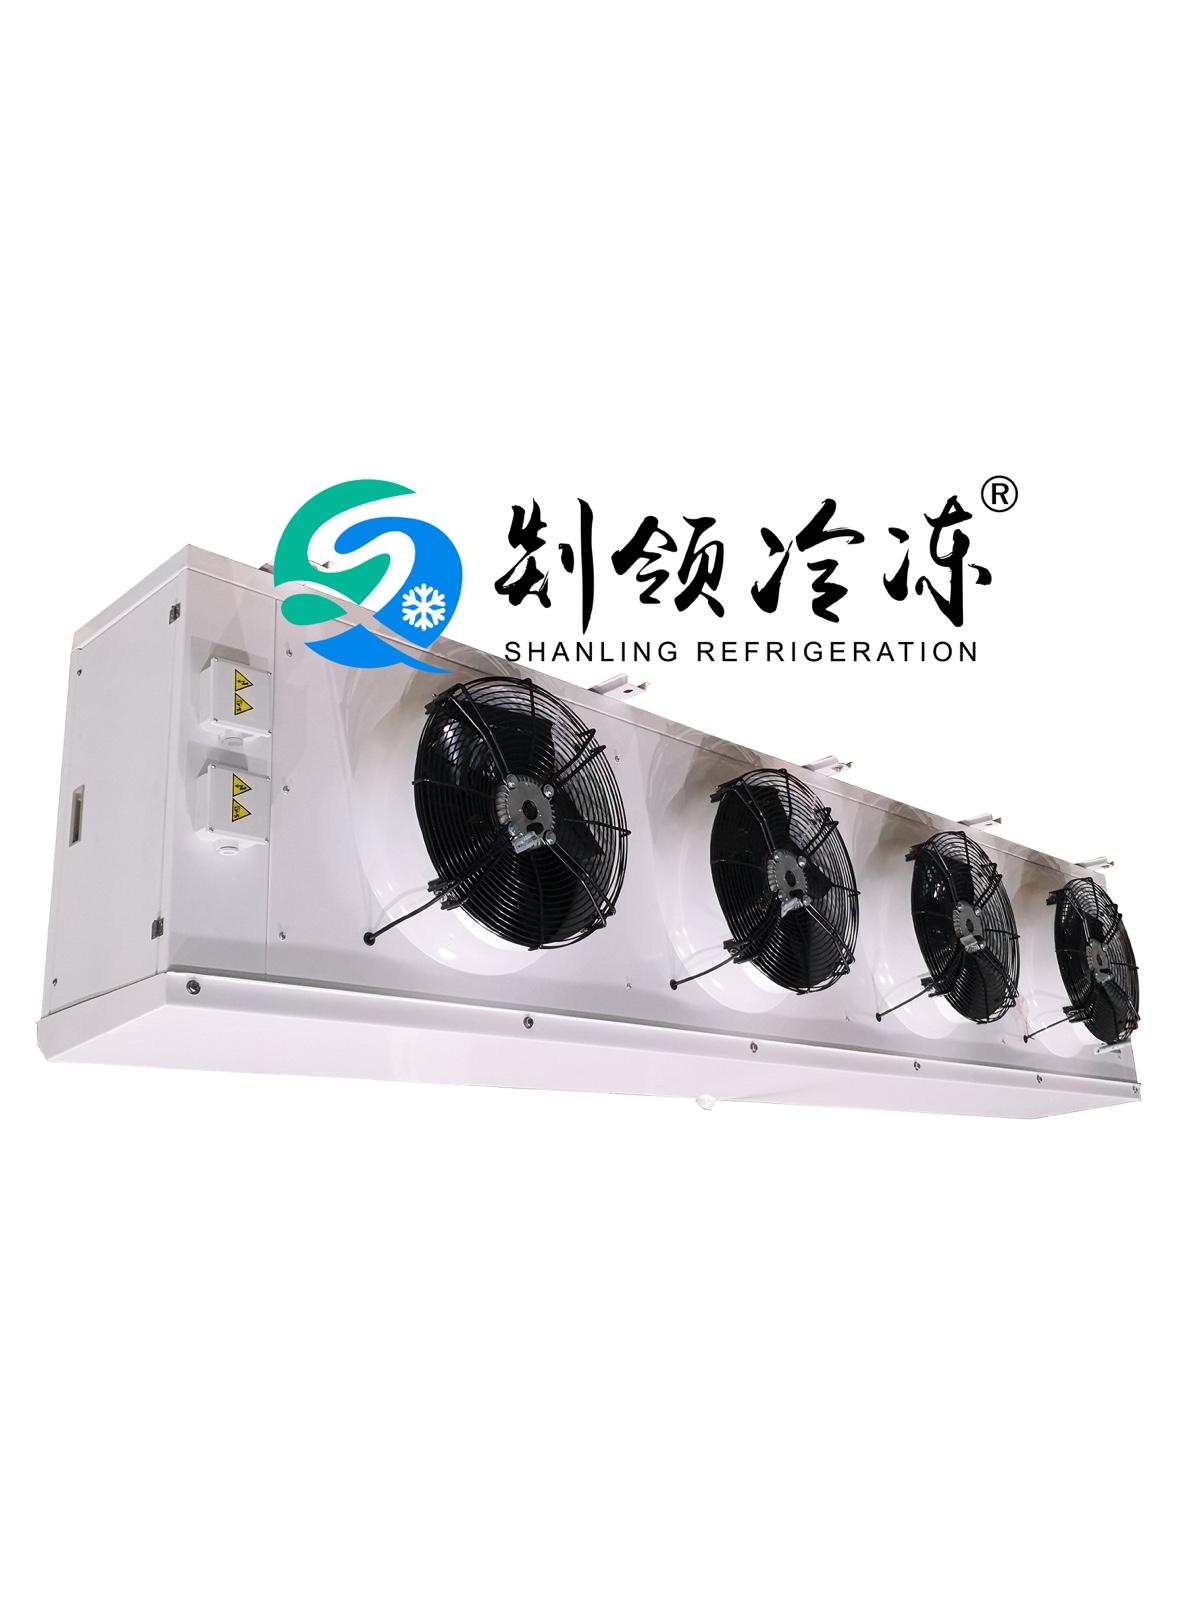 高效冷风机 升级款吊顶蒸发器 速冻库吊顶冷风机 冷冻冷藏设备